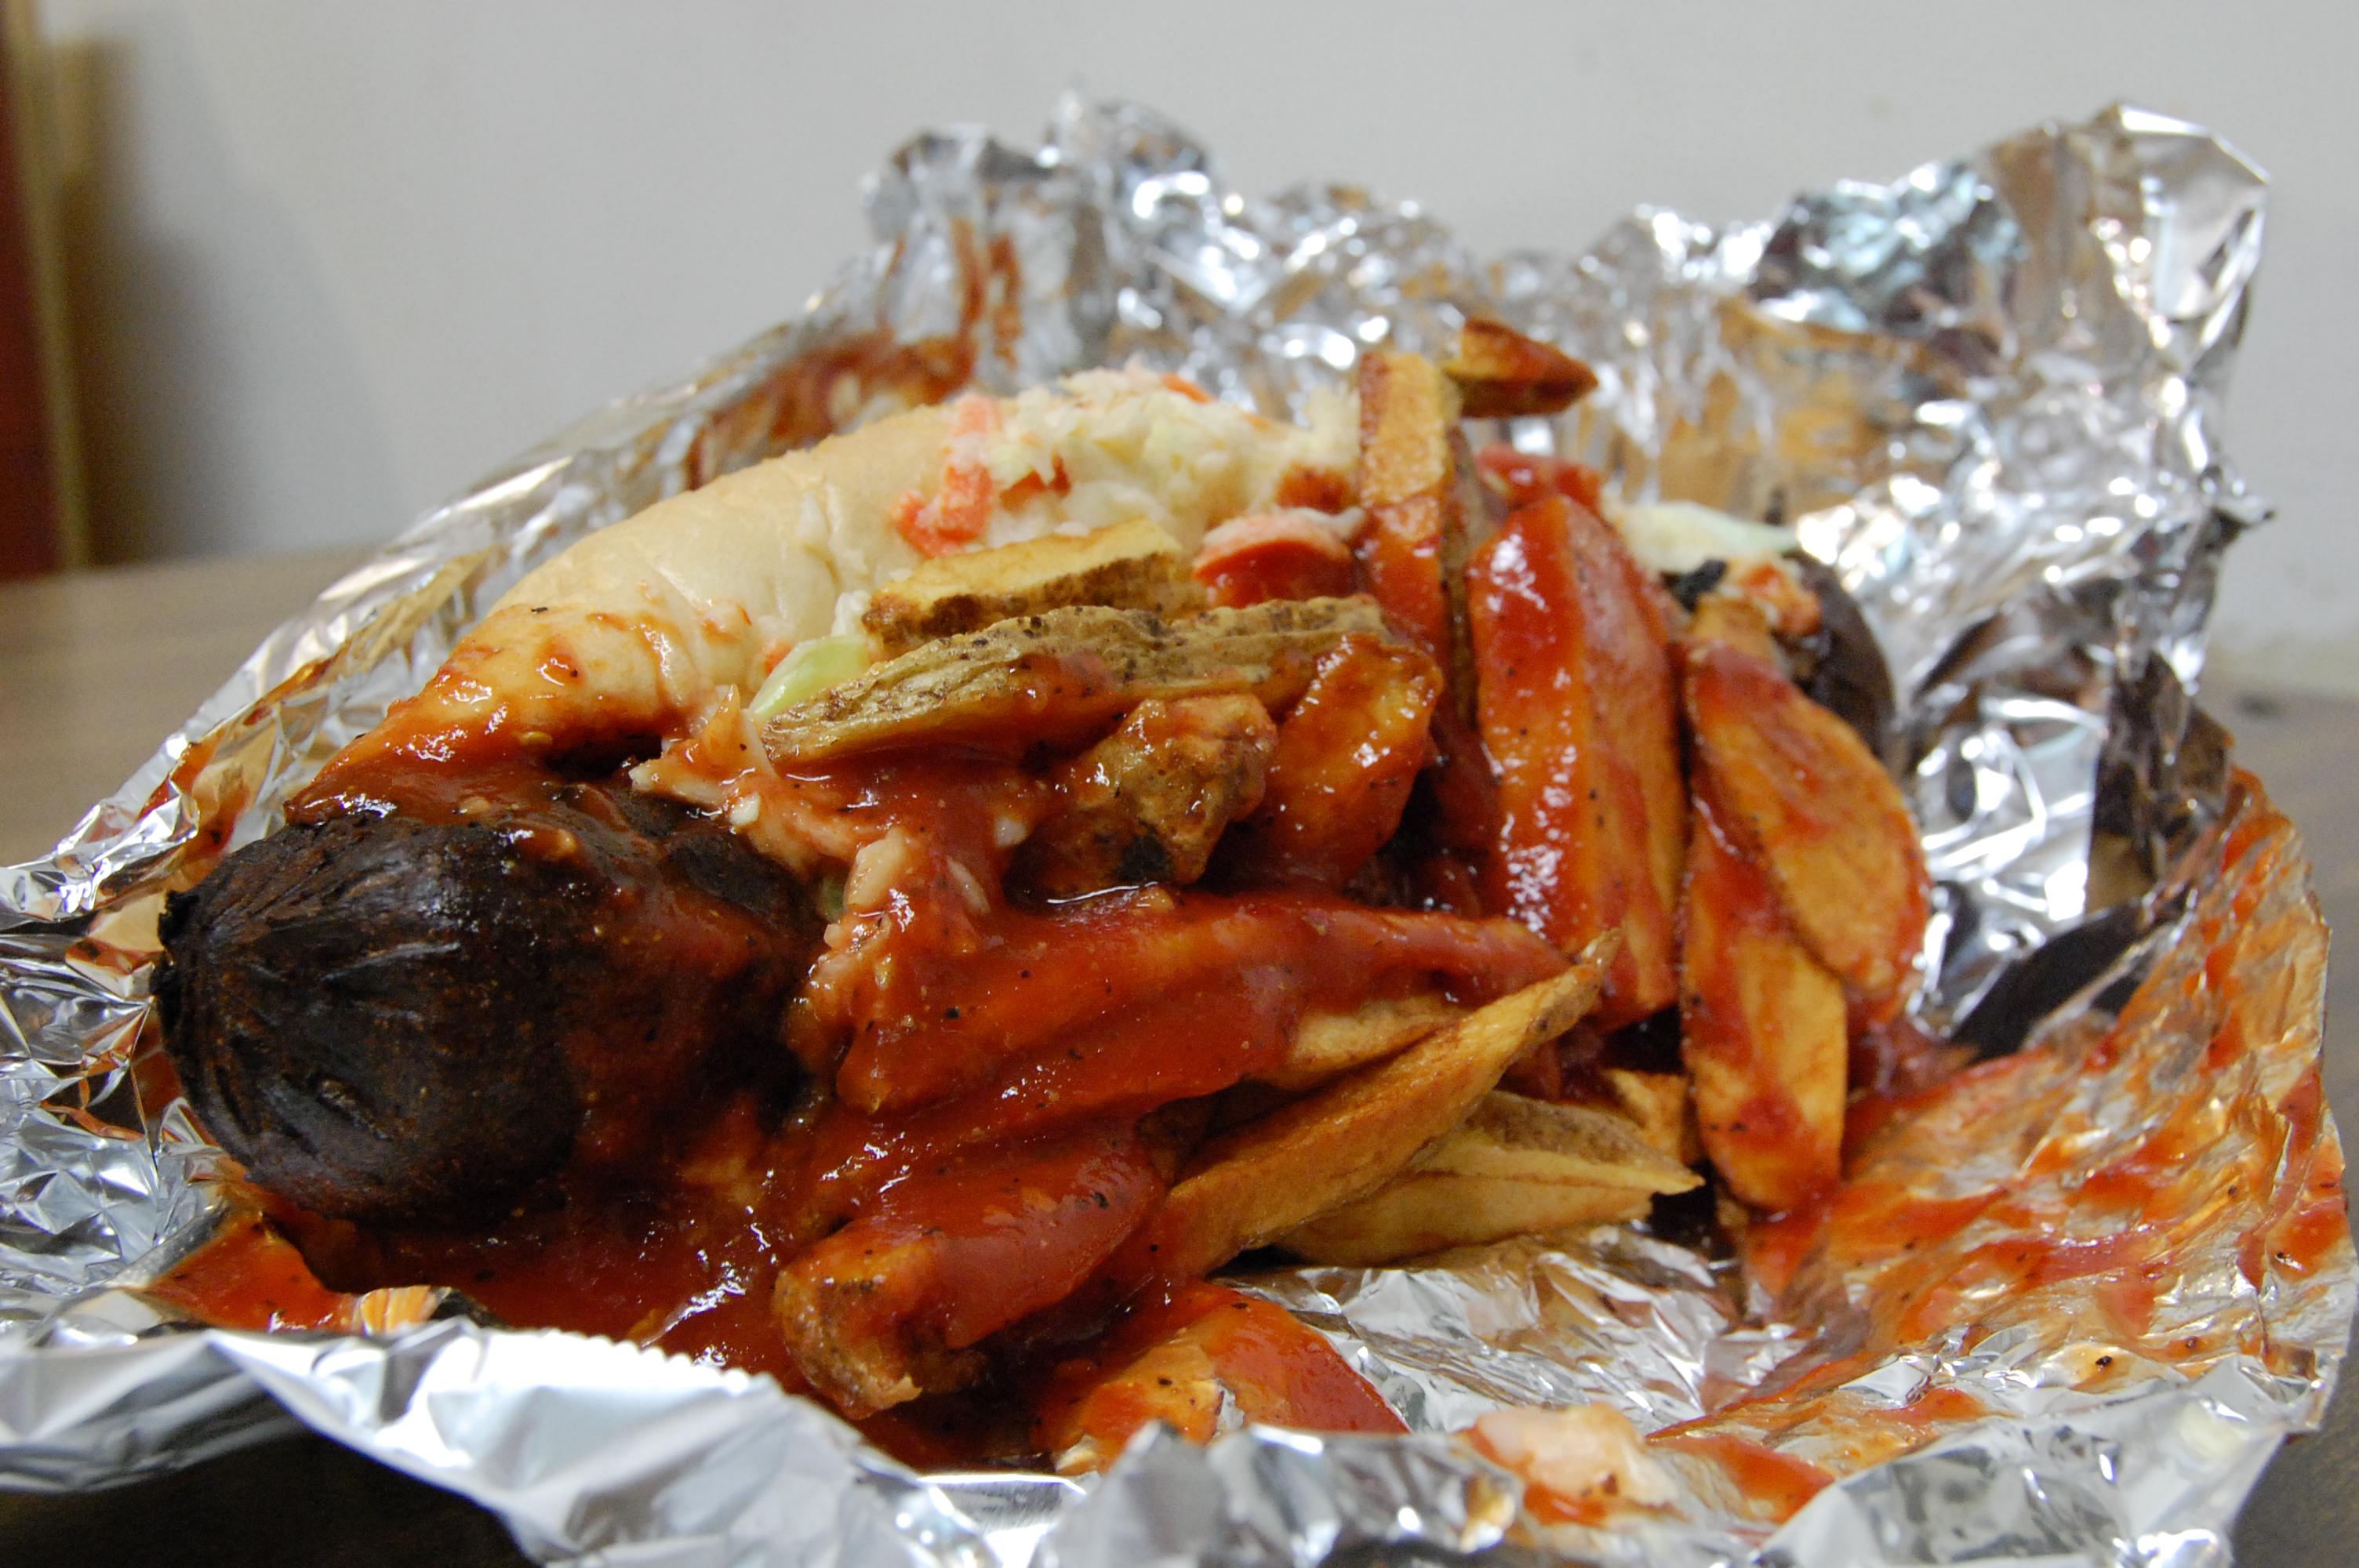 Hot Dog Restraunts In Fort Bragg Ca